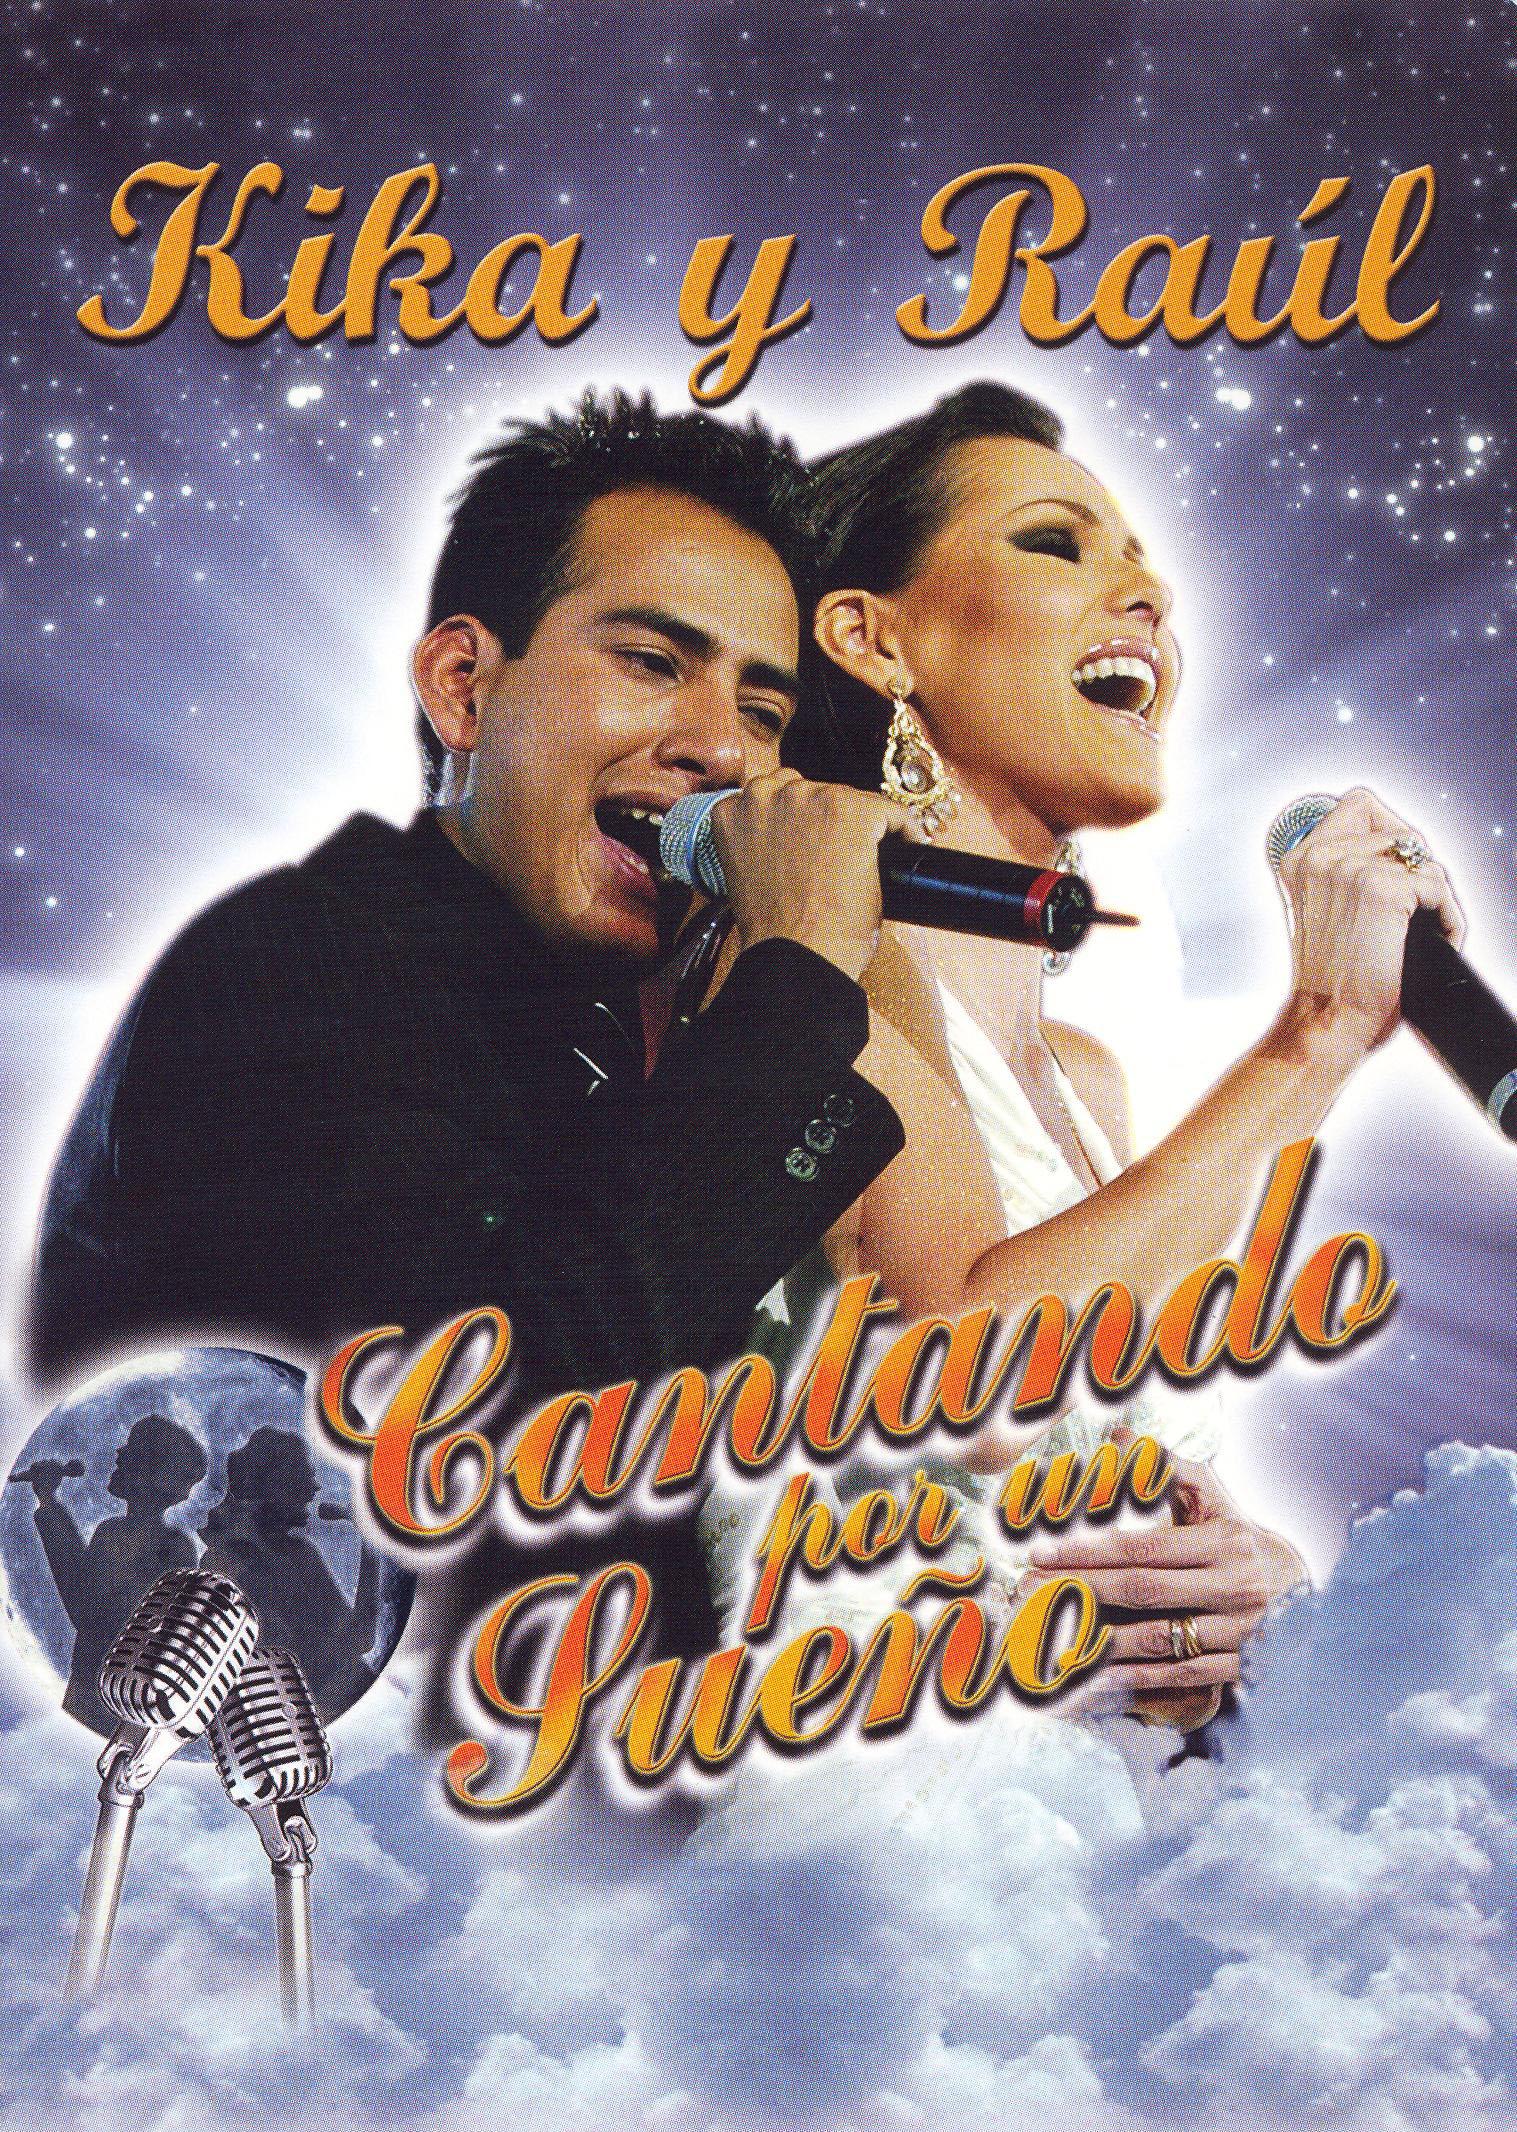 Kika y Raul: Cantando por un Sueno